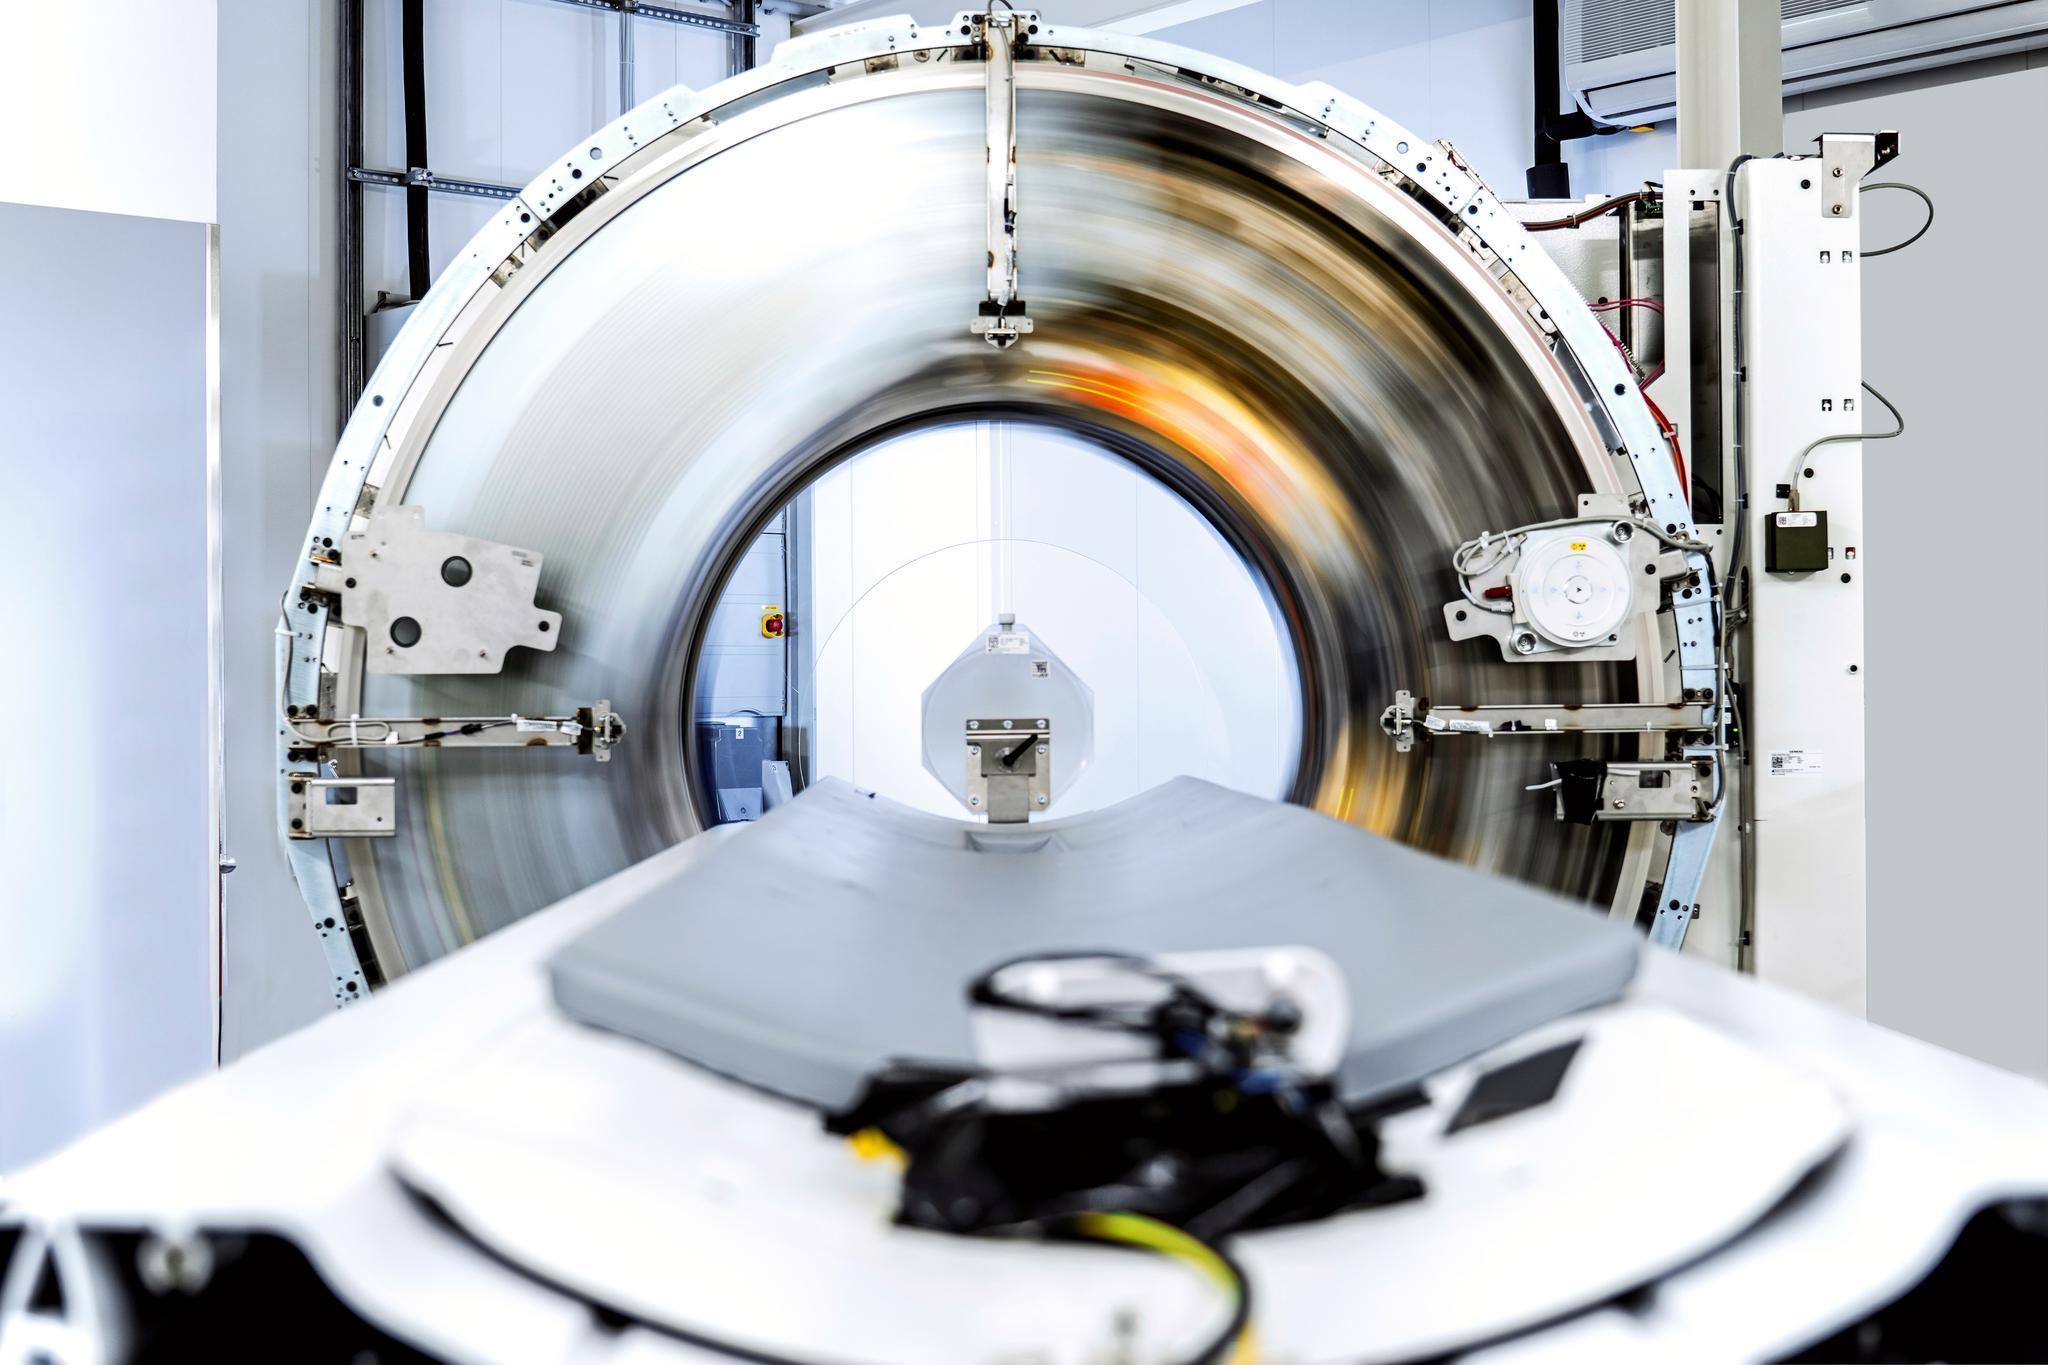 Siemens Healthineers annonce l'autorisation 510(k) de la FDA pour Naeotom Alpha, le premier photon-counting au monde.